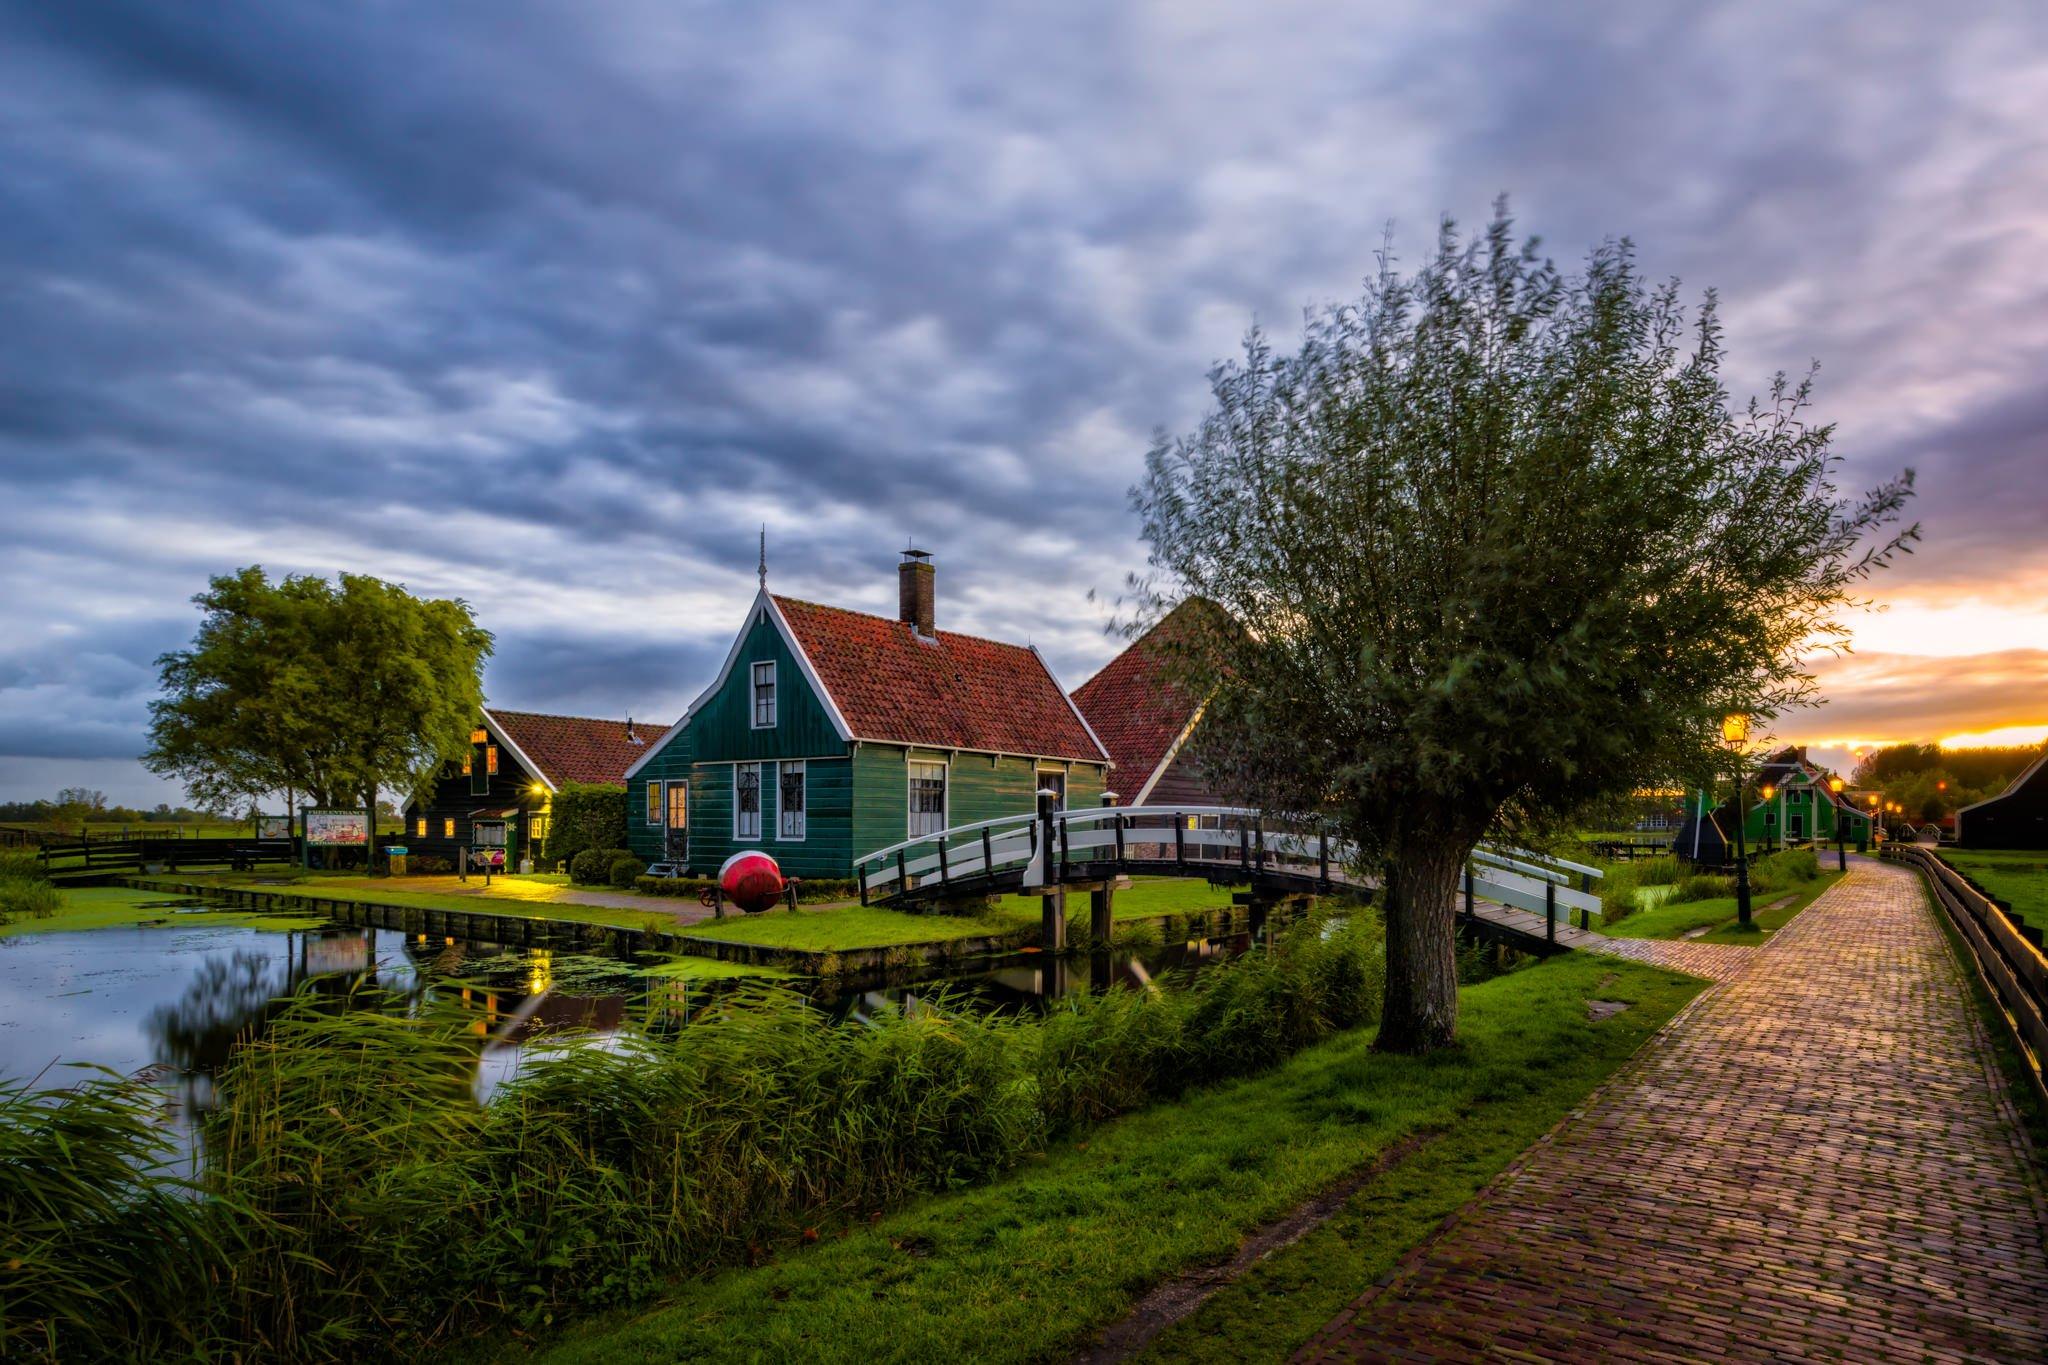 Wioska Zaanse Schans w Holandii o wschodzie słońca